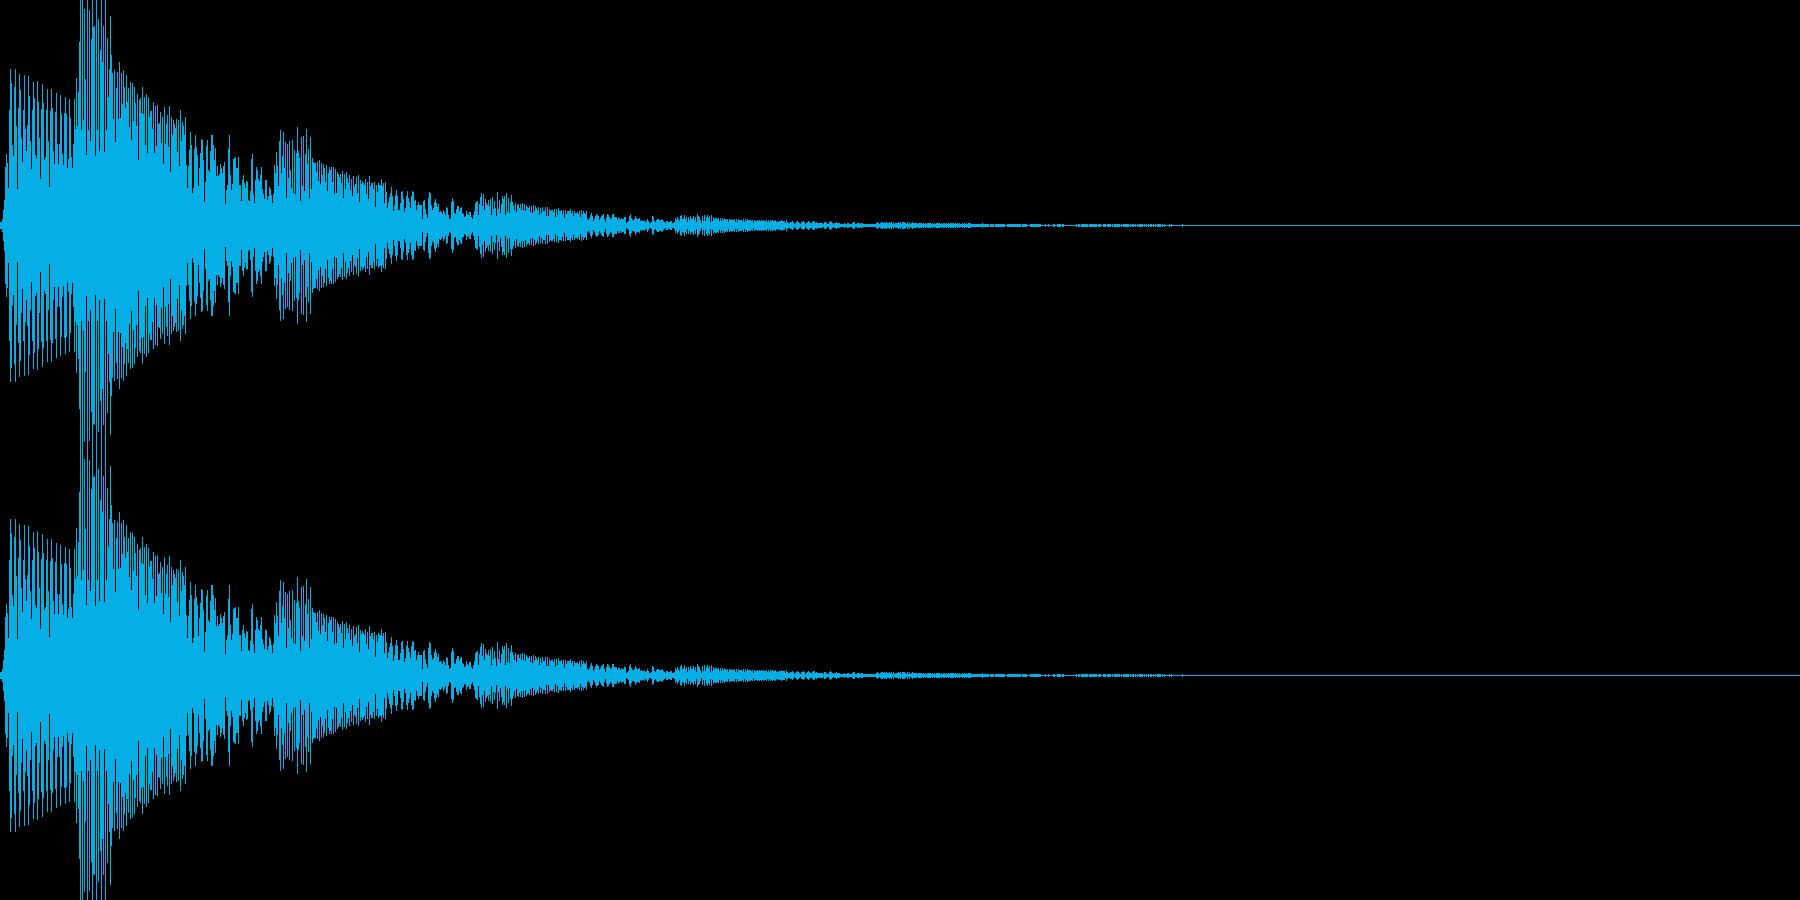 ボタン押下や決定音_ピロロン!の再生済みの波形